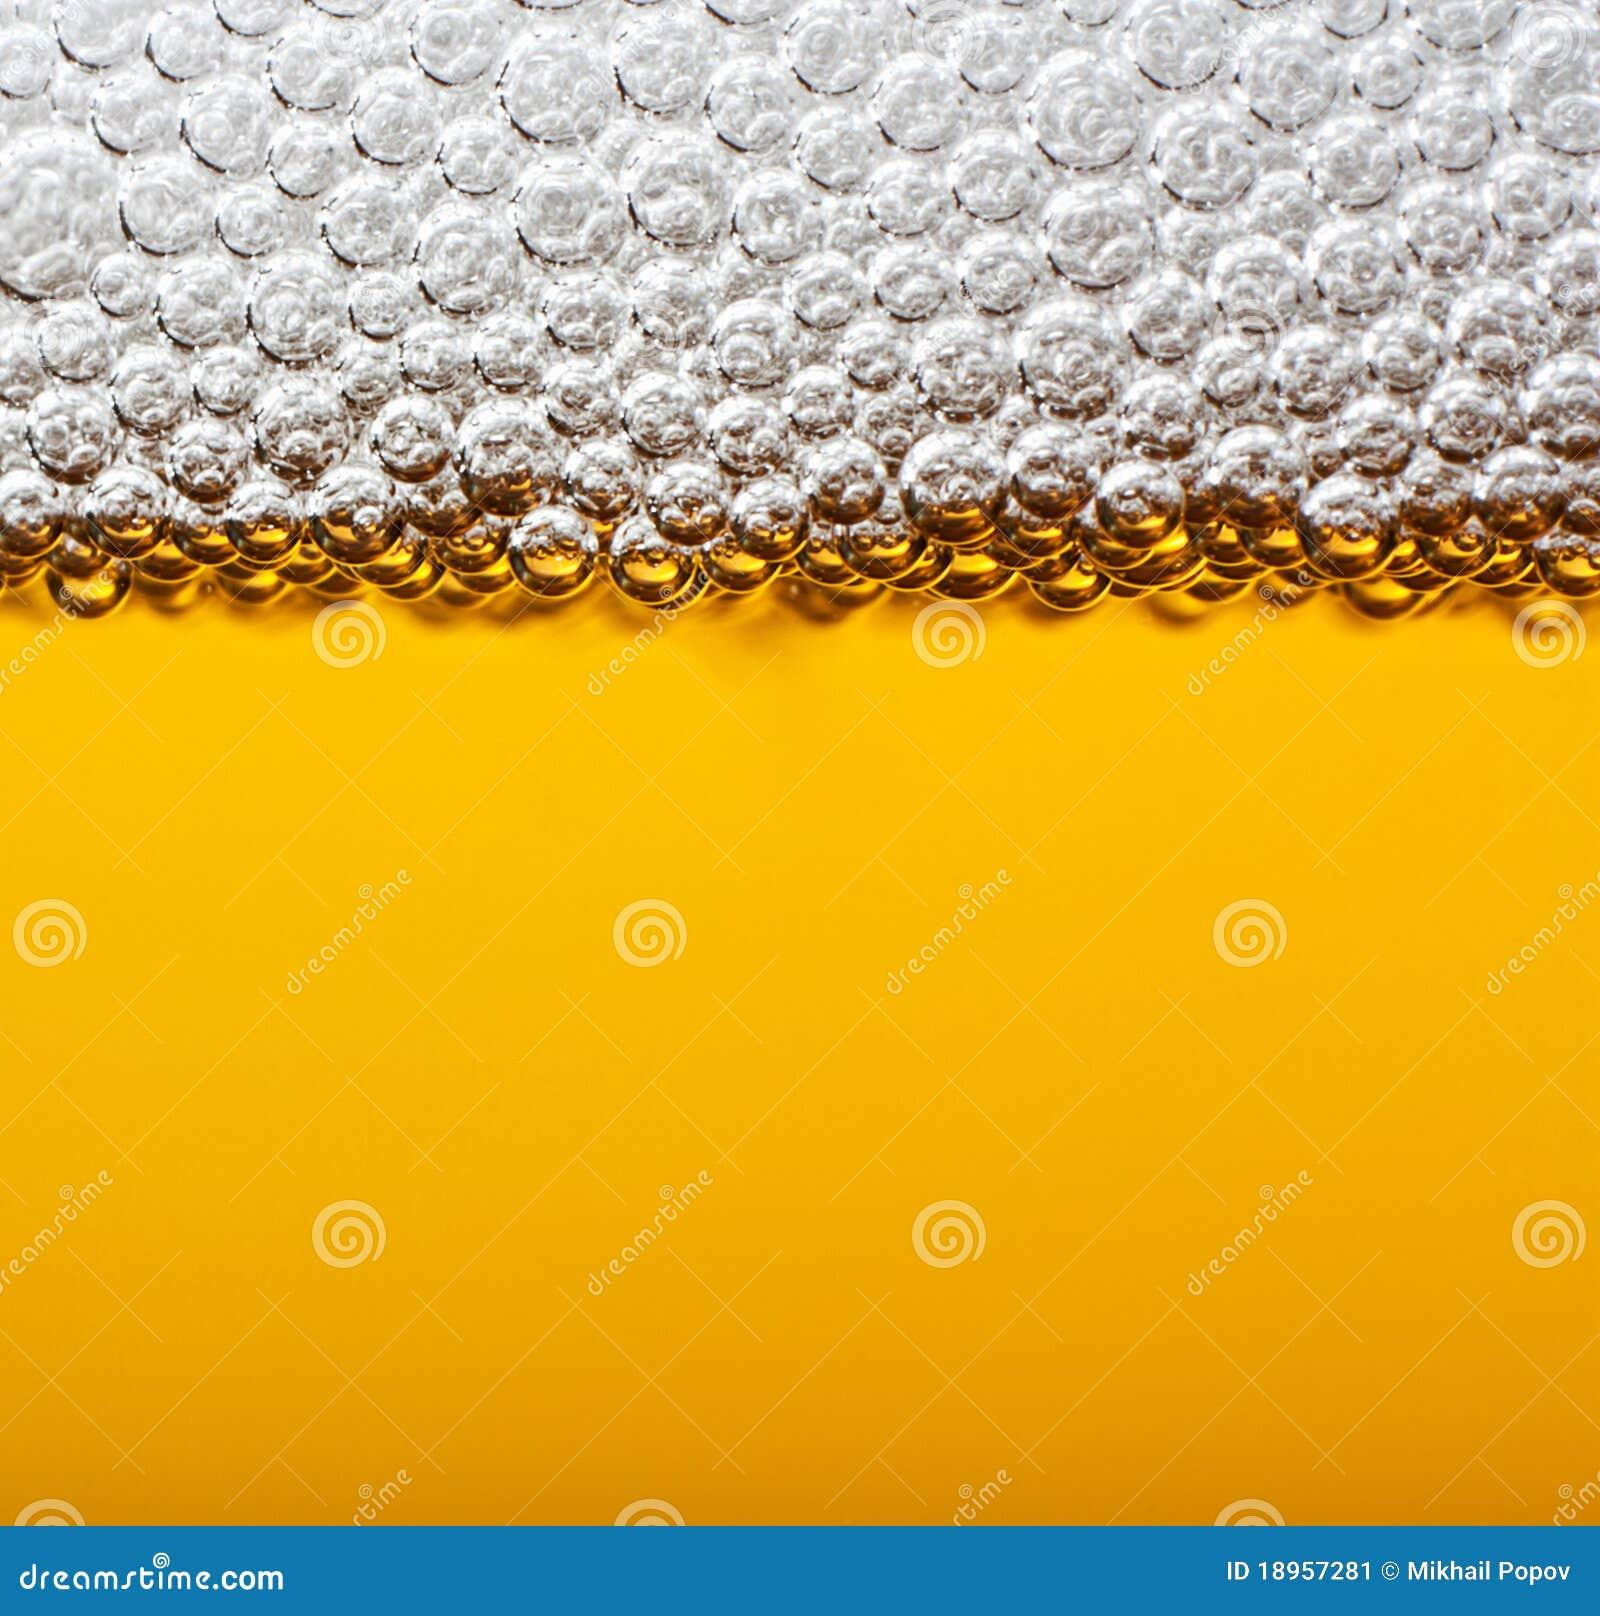 Closeup beer with foam.